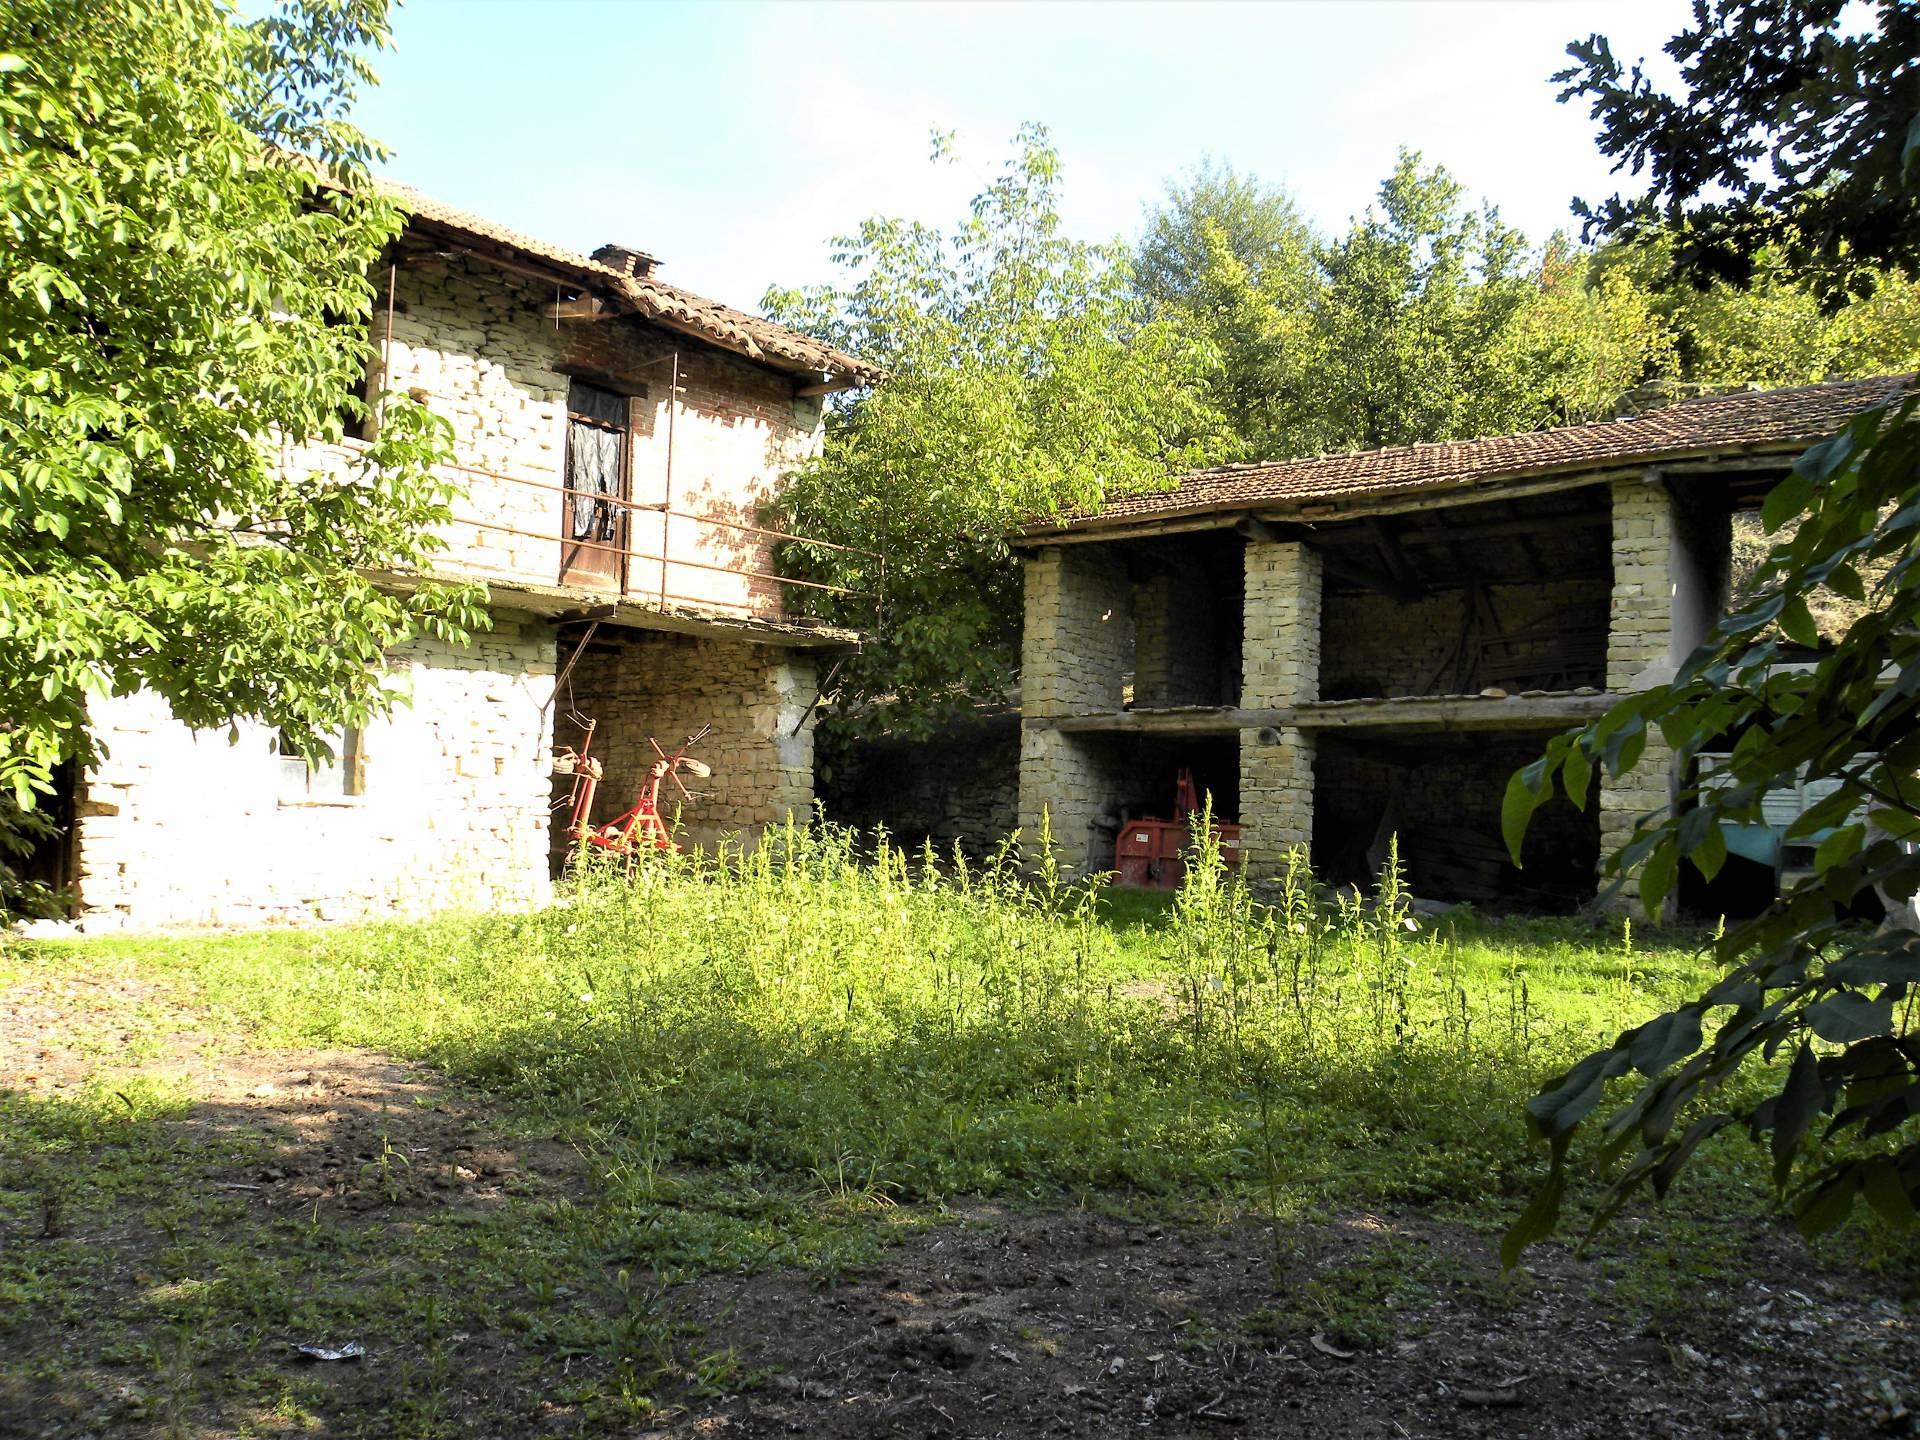 Foto 1 di Rustico / Casale Verso Bergolo - Strada castella, Cortemilia